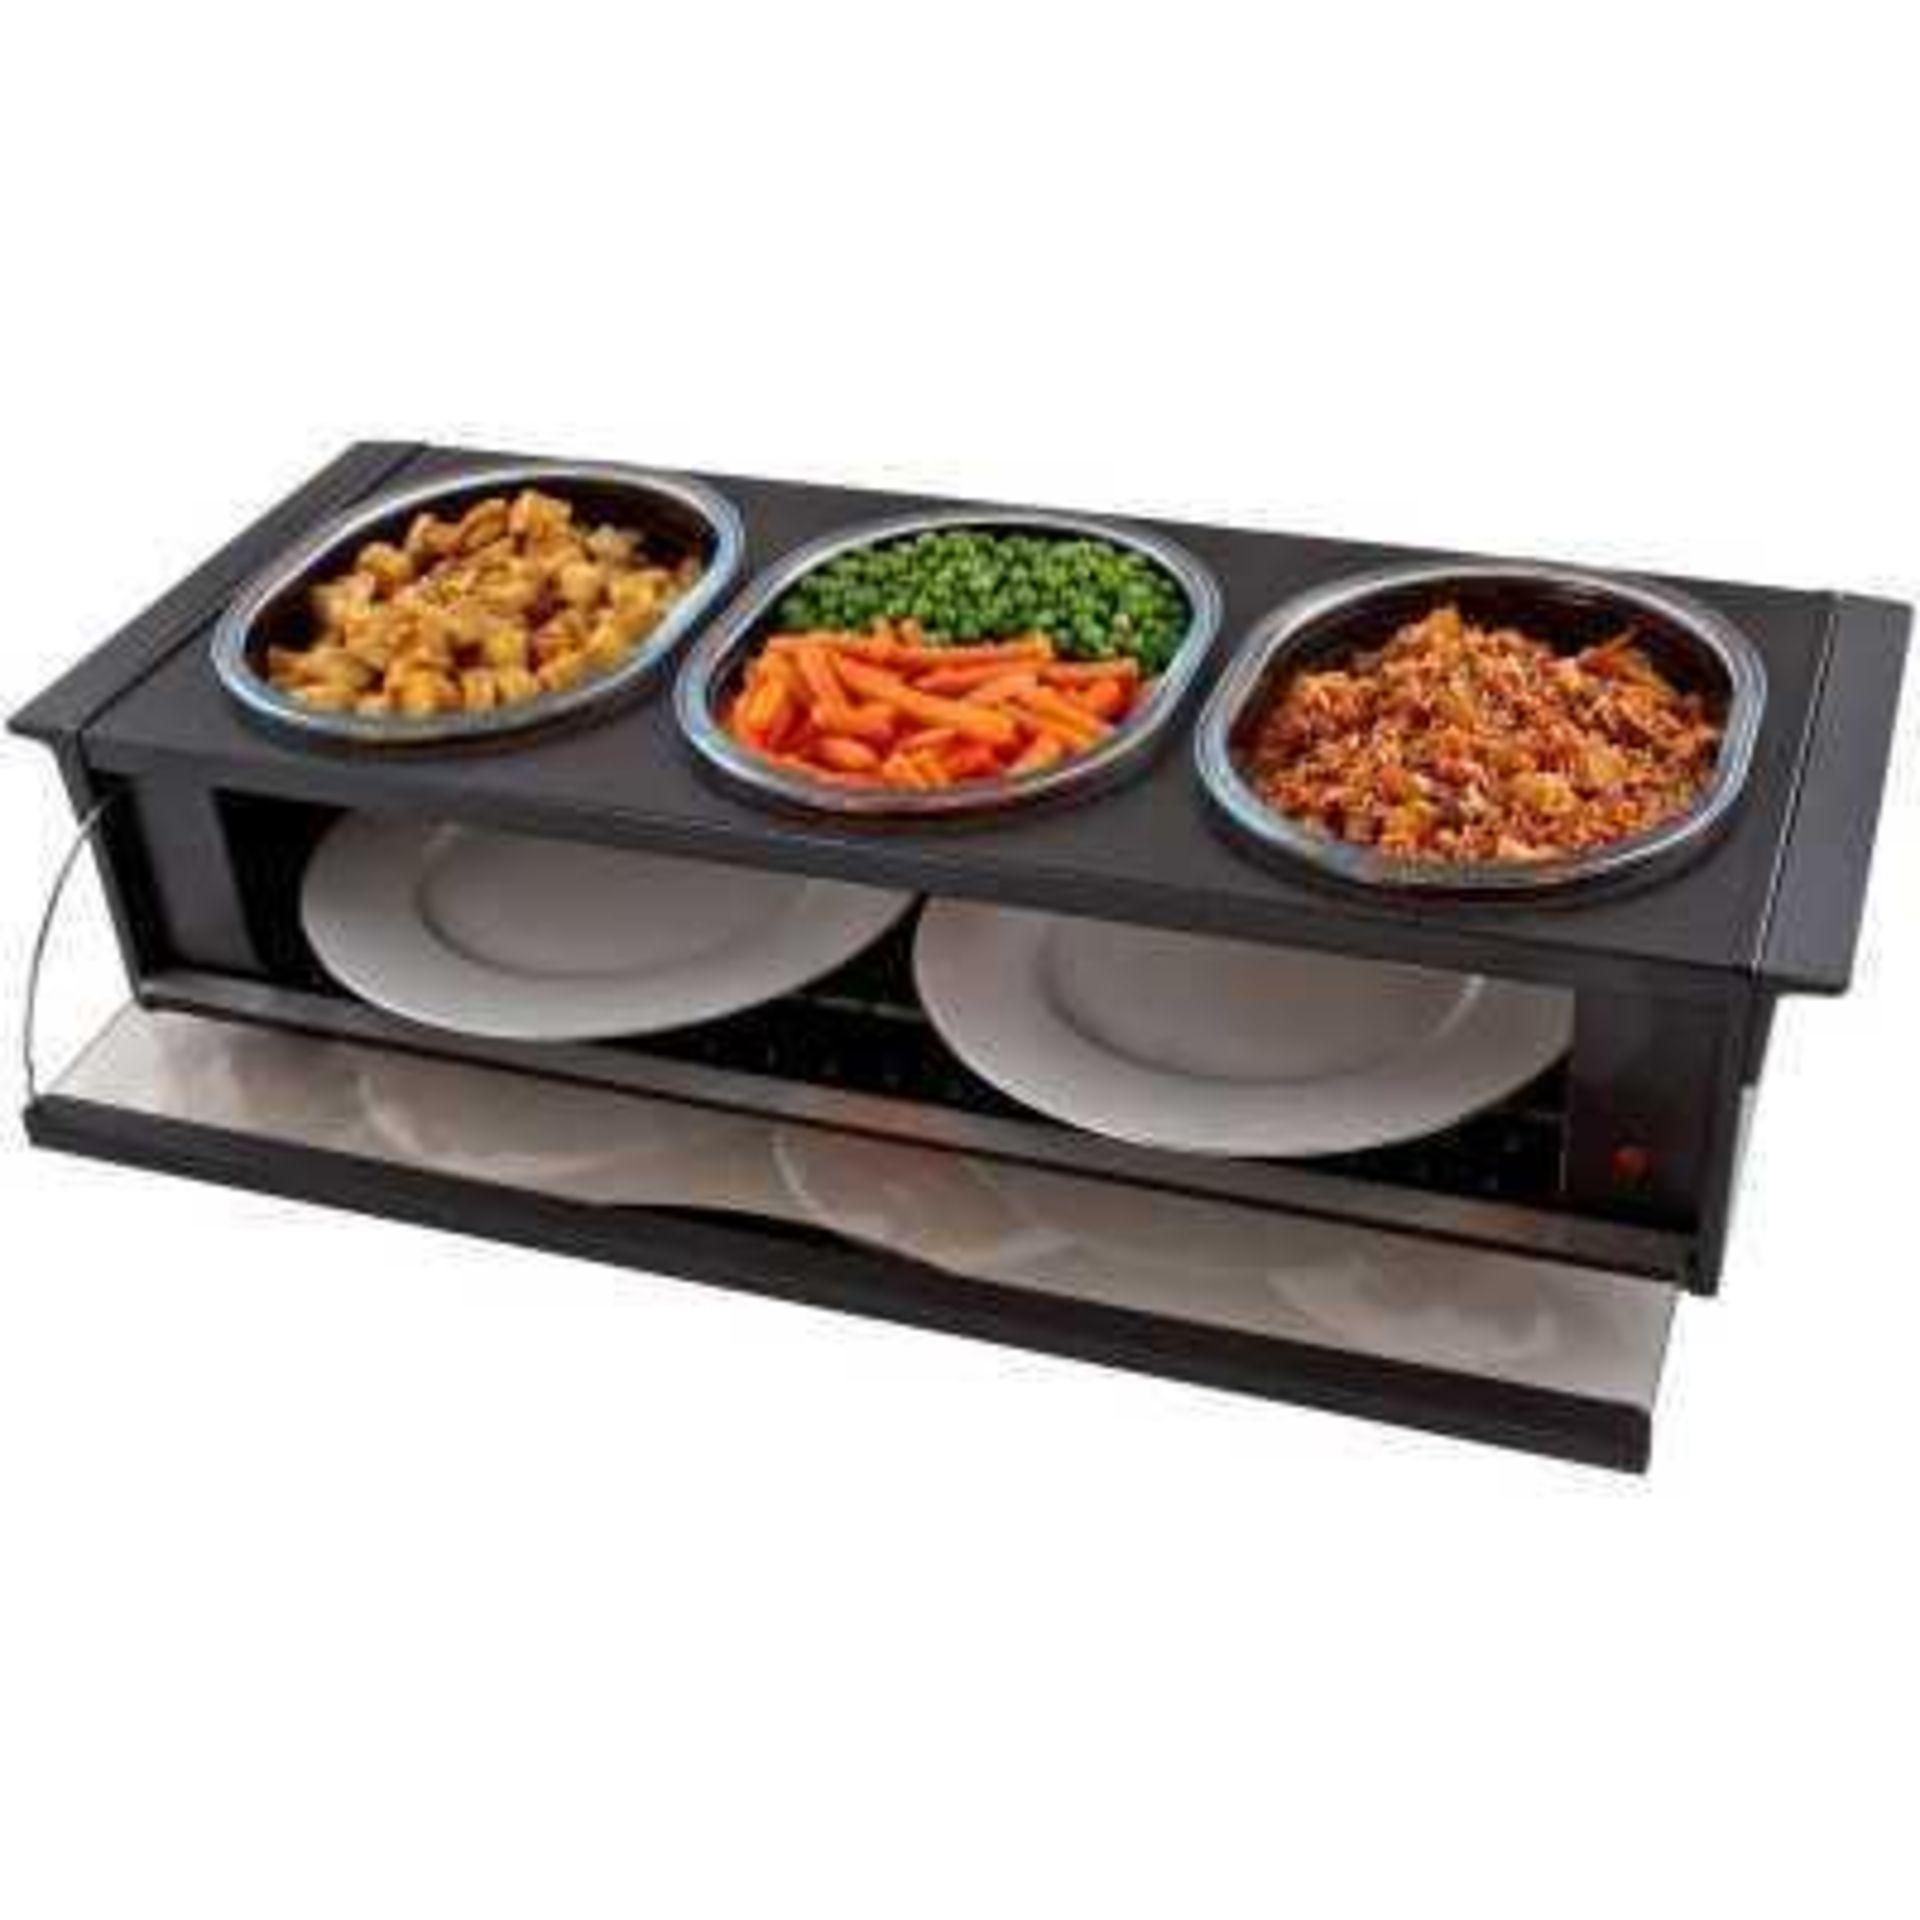 Lot 163 - RRP £120 Boxed Hostess Buffet Server Ho392